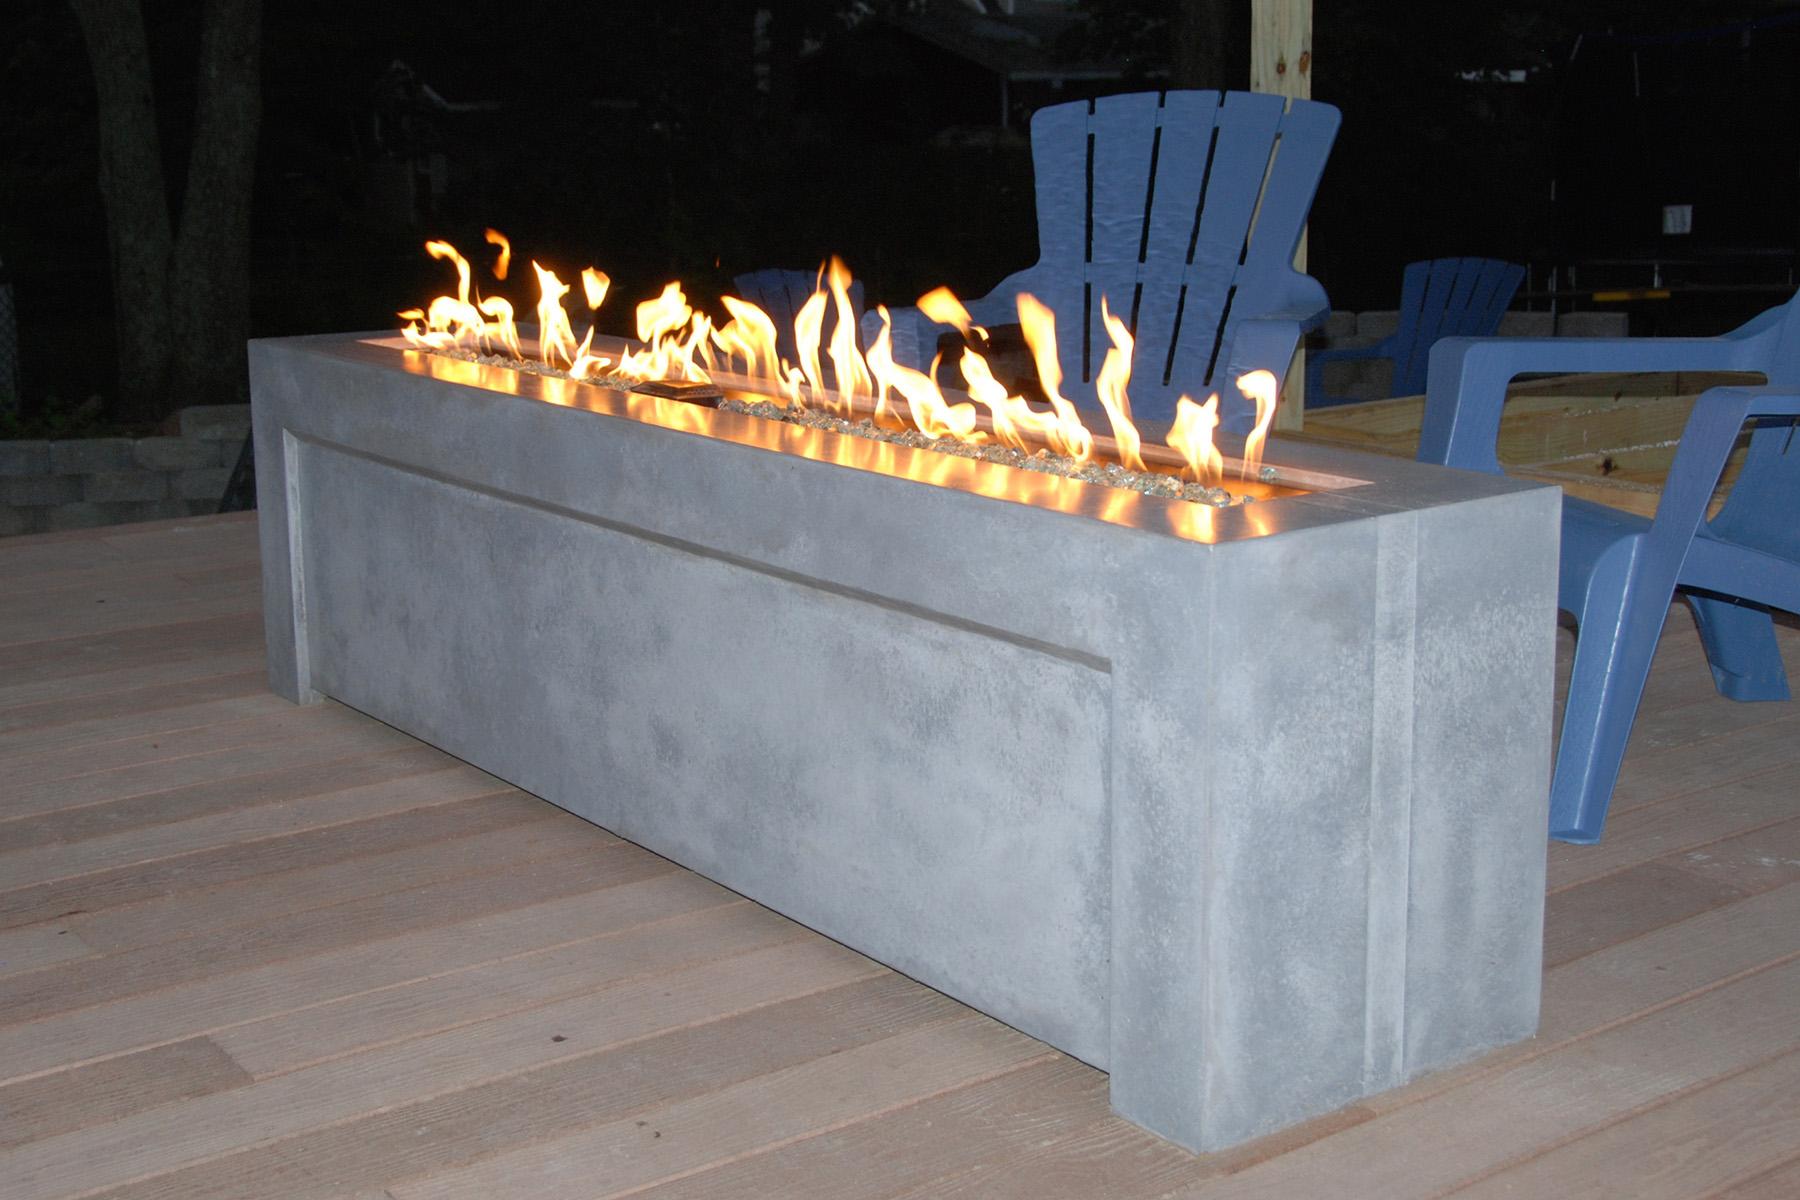 Precast concrete fire pit fireplace design ideas for Concrete fire pit plans